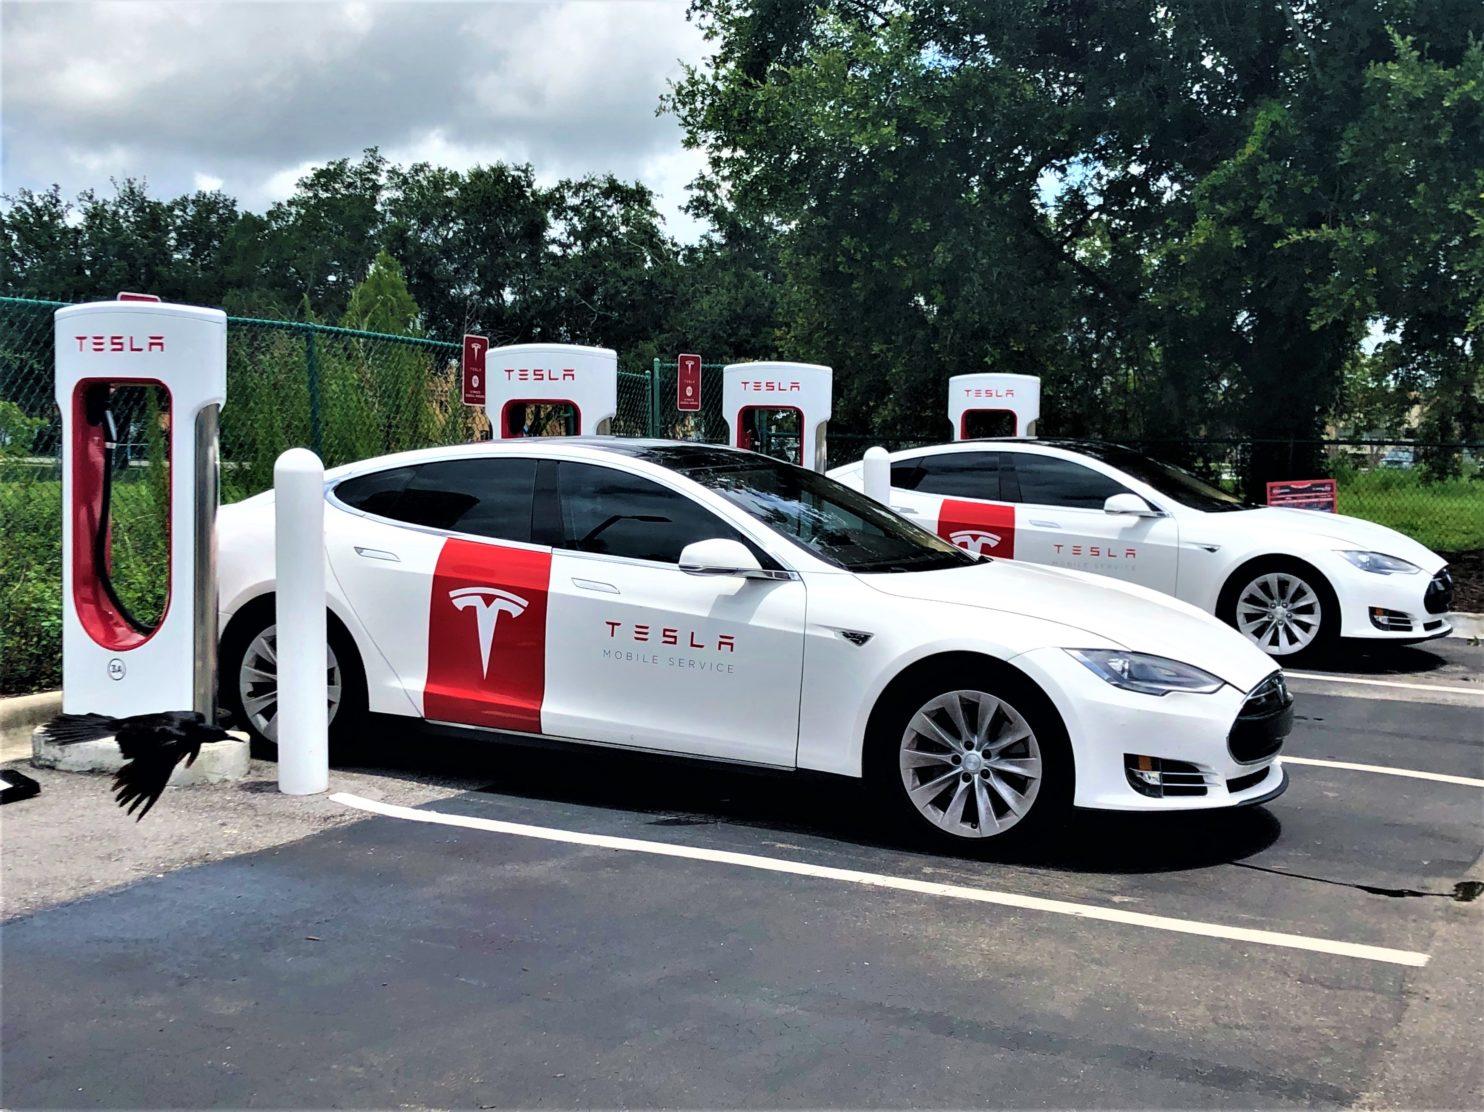 Tesla Service Cars JRR | CleanTechnica